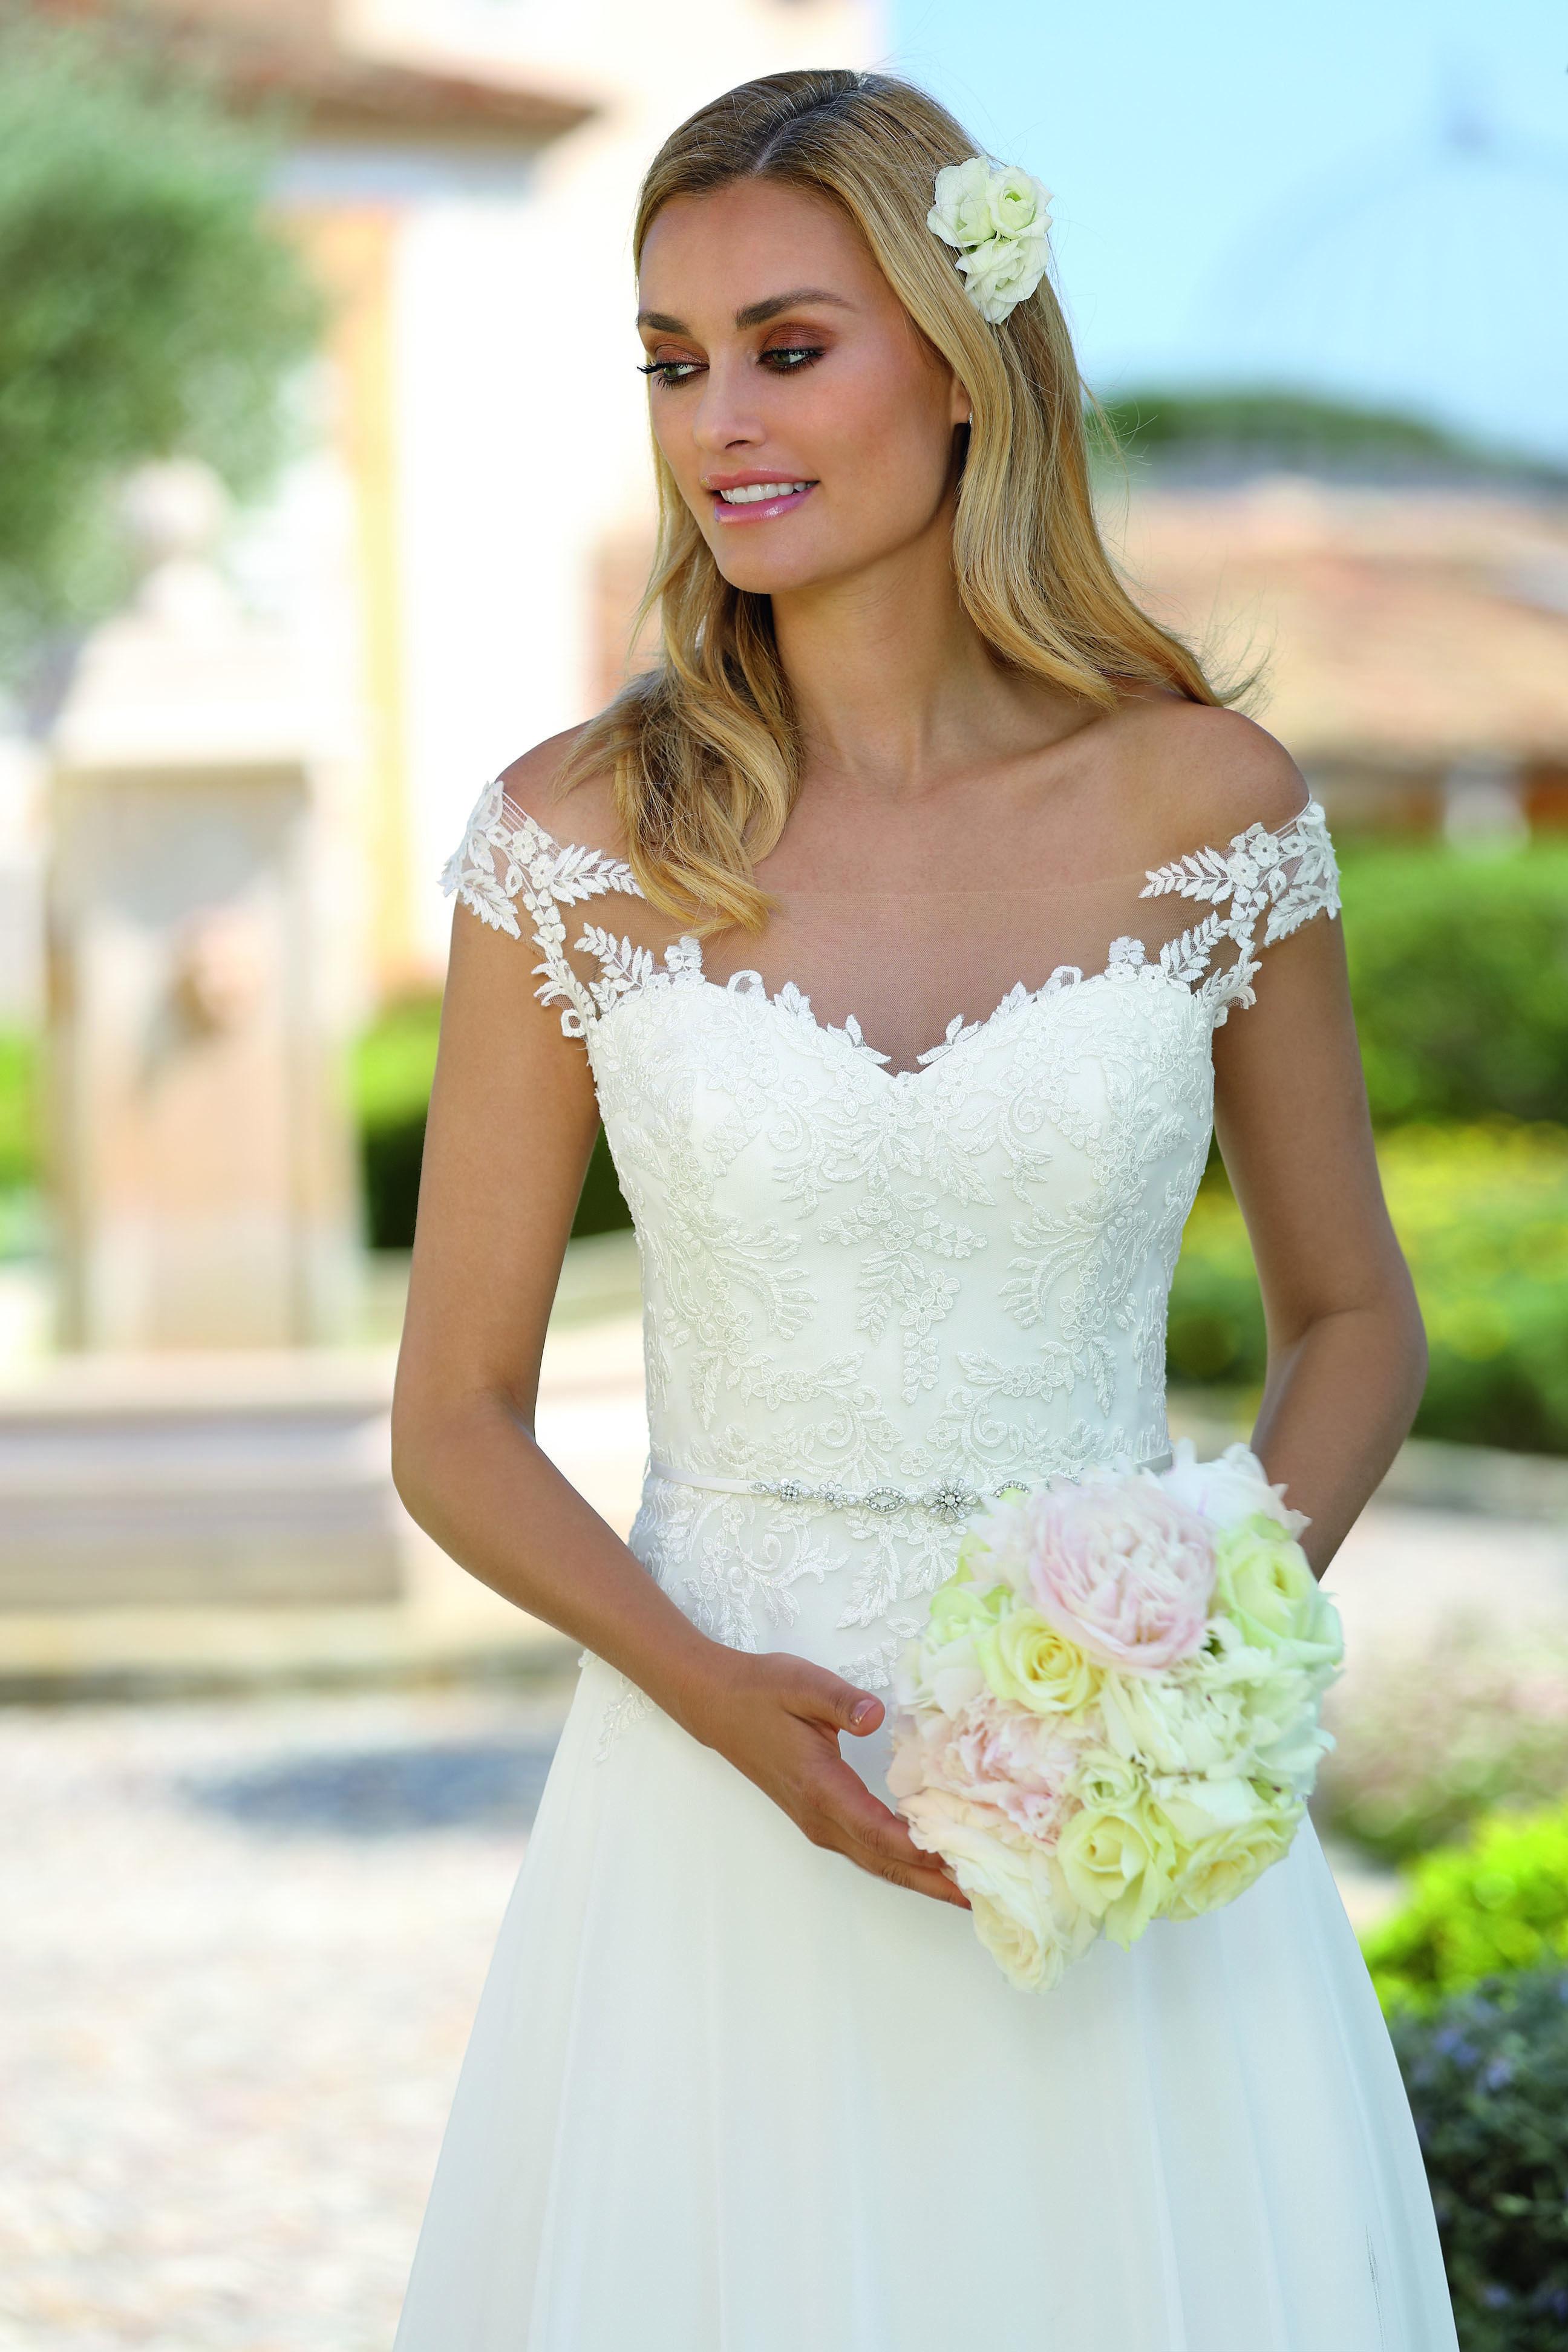 Groß Brautkleider Erhaltung Galerie - Hochzeit Kleid Stile Ideen ...